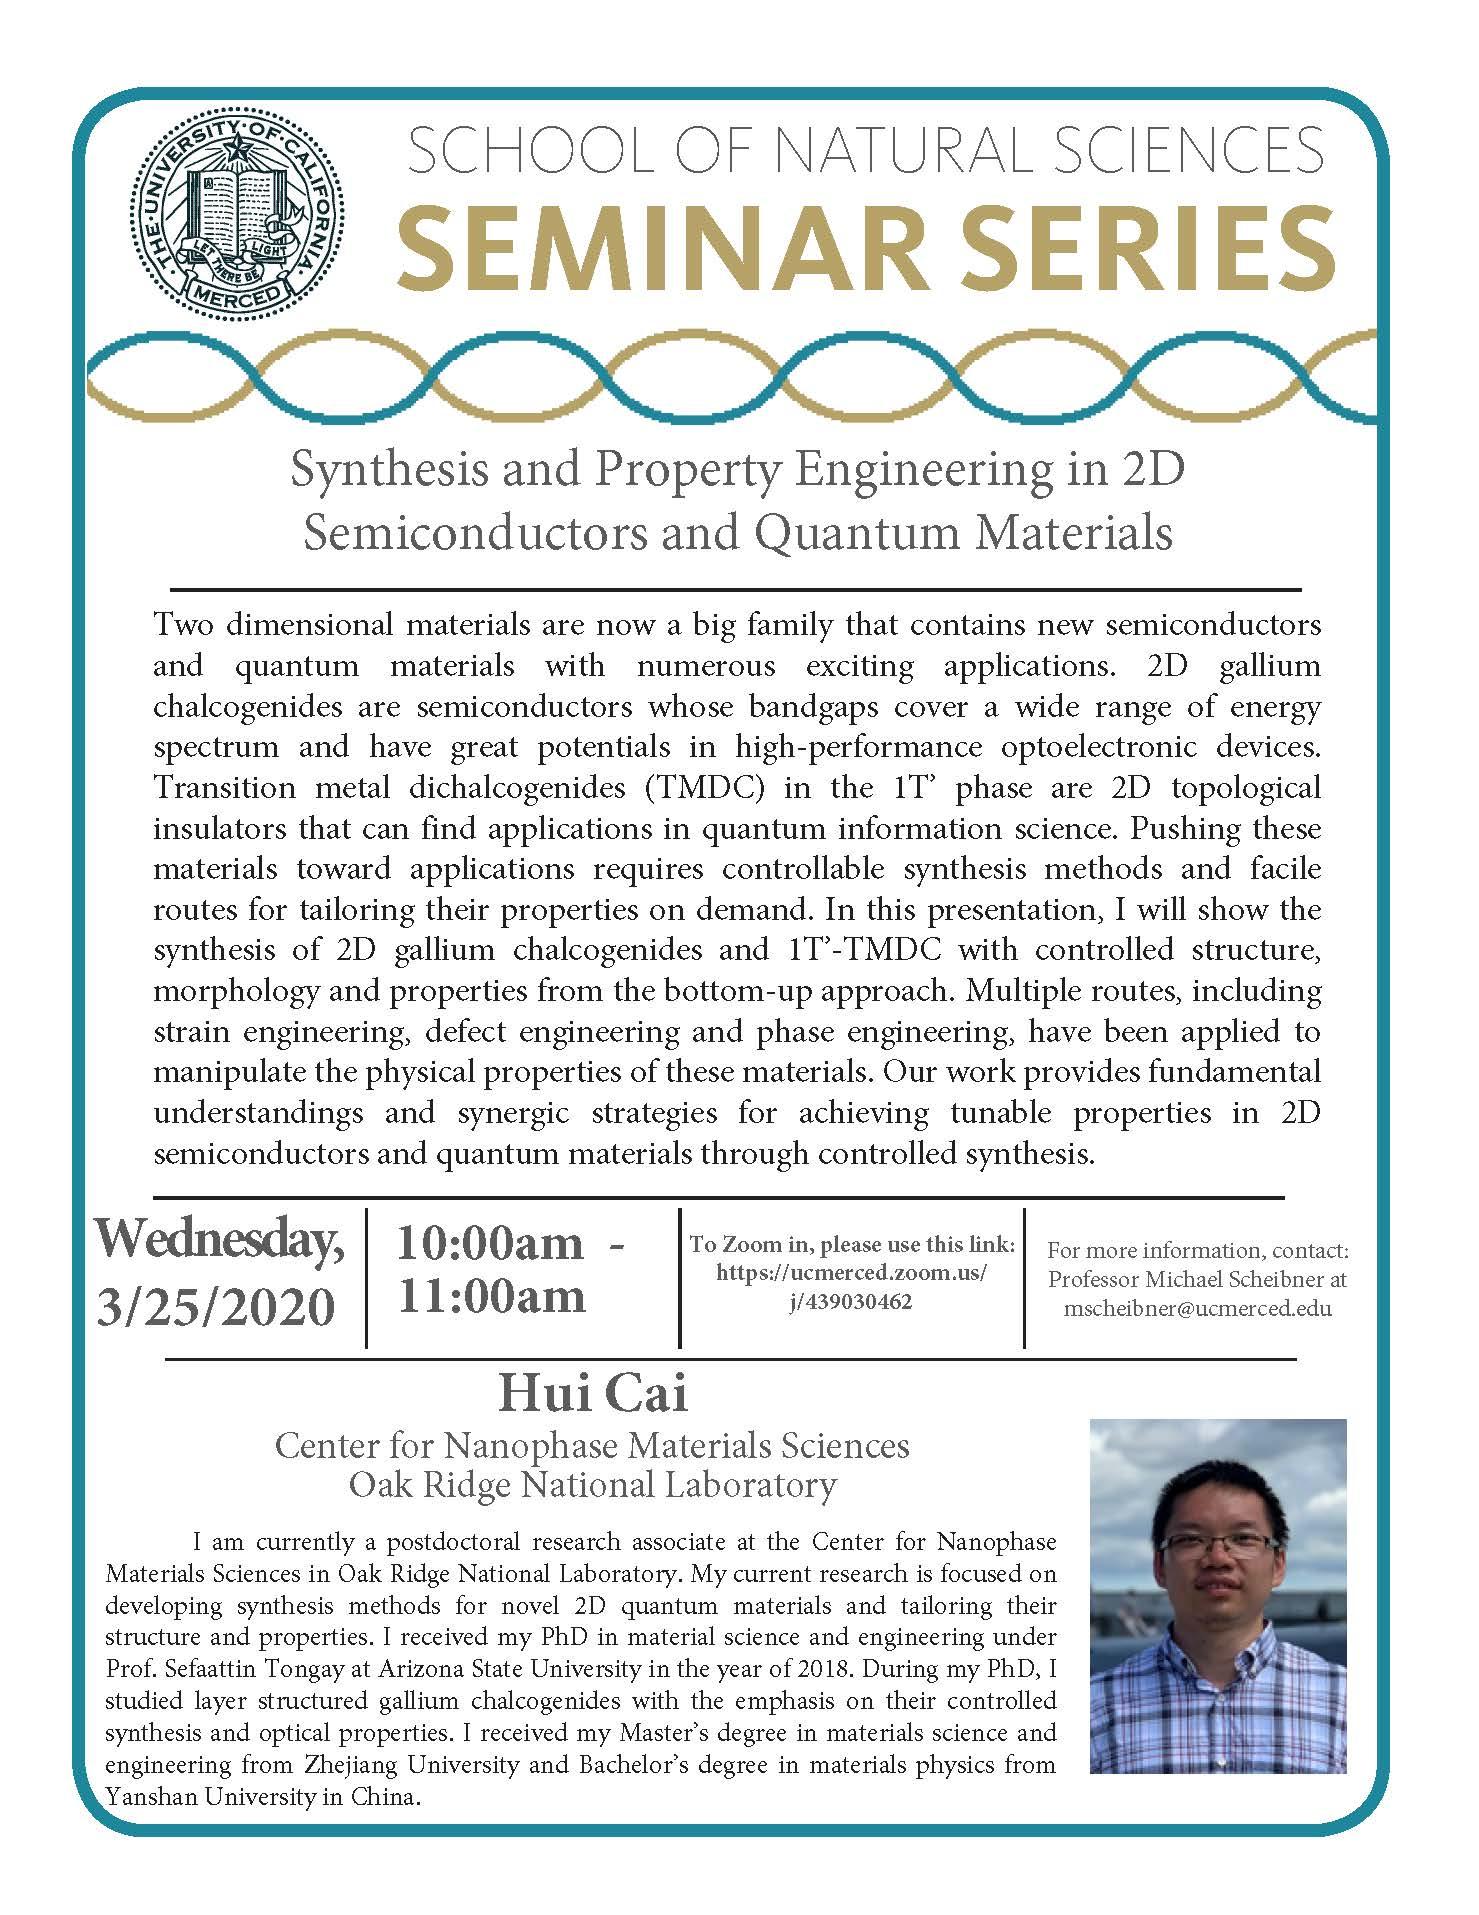 Physics Seminar for Dr. Hui Cai